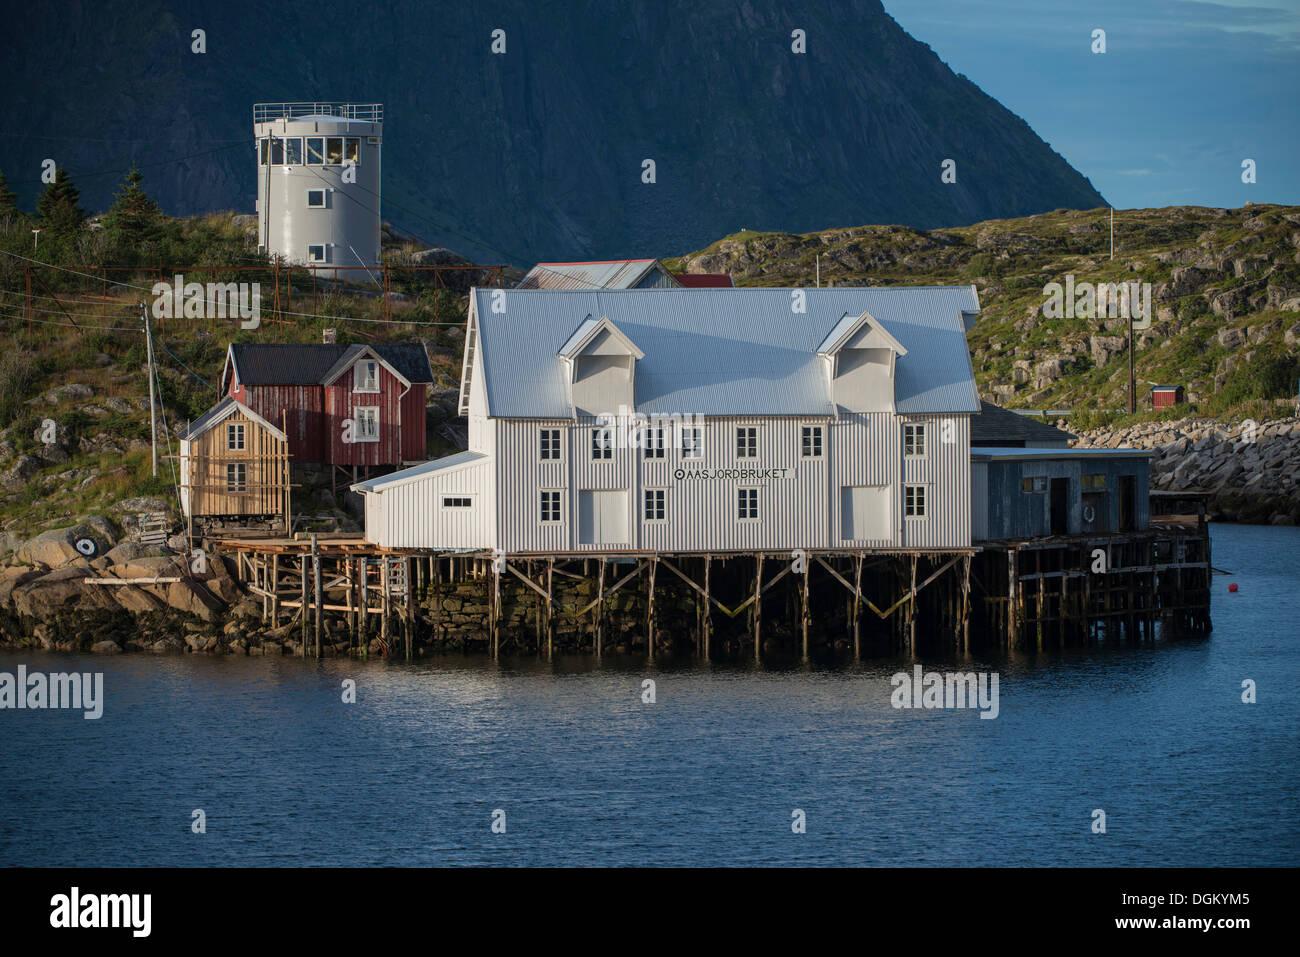 Par l'entrepôt blanc fjord, tour moderne ou un silo à l'arrière, Fischerdorf Skrova,Inselgruppe Skrova, Vestfjord, Lofoten, Nordland Photo Stock